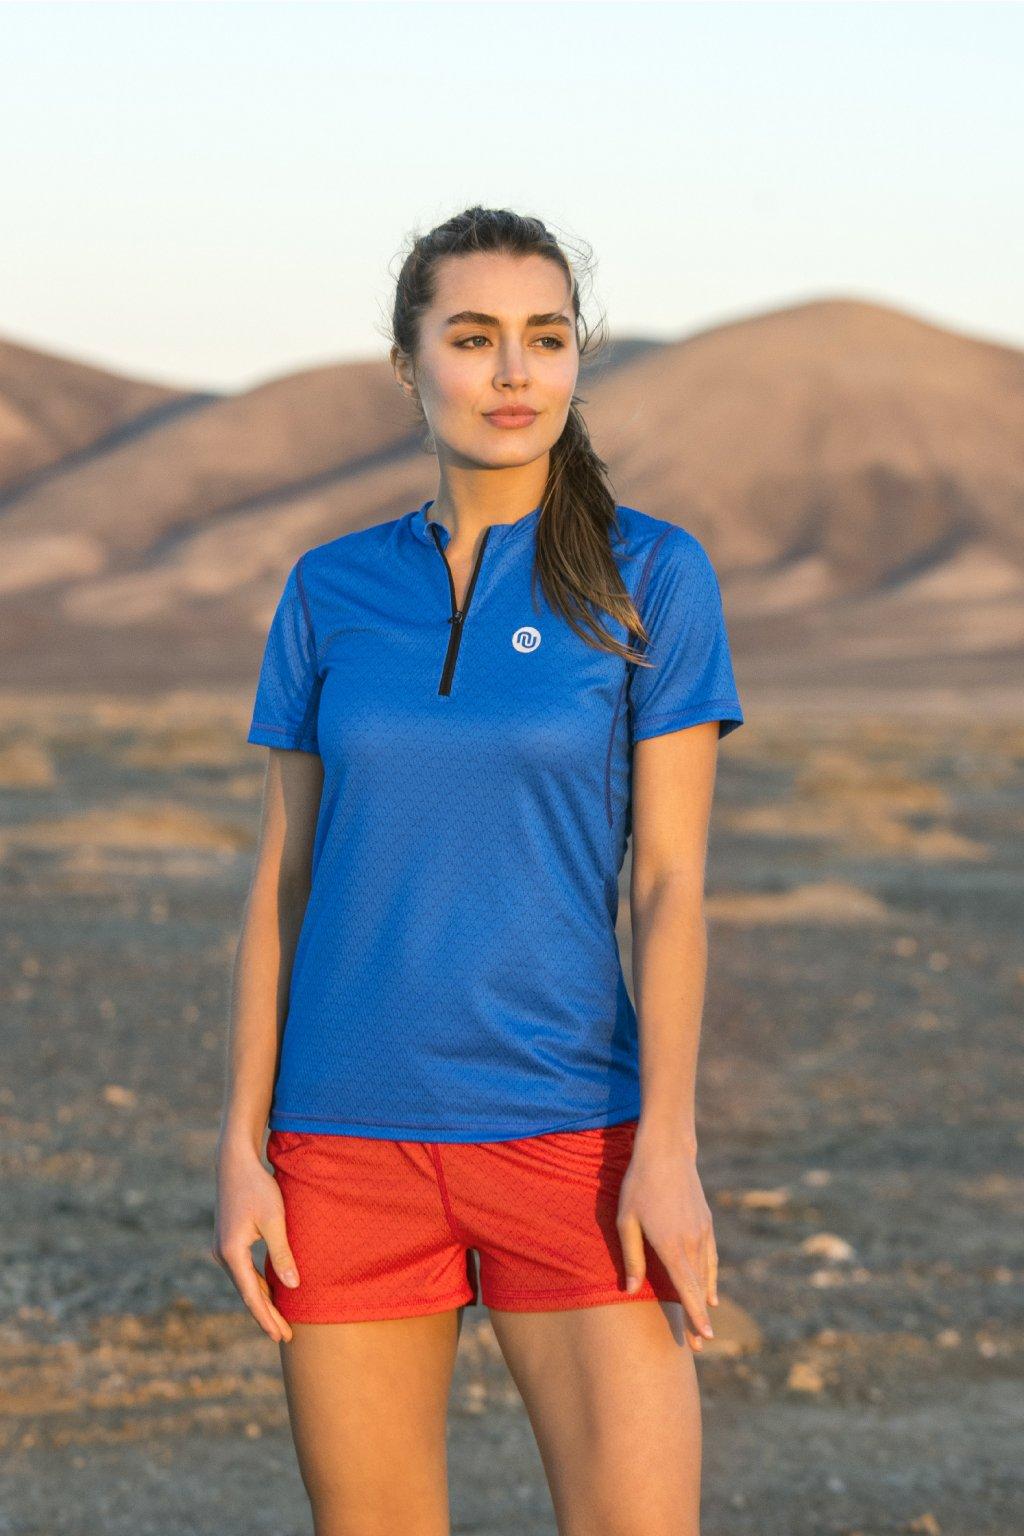 Běžecké tričko blue mirage ksb 11x7 1